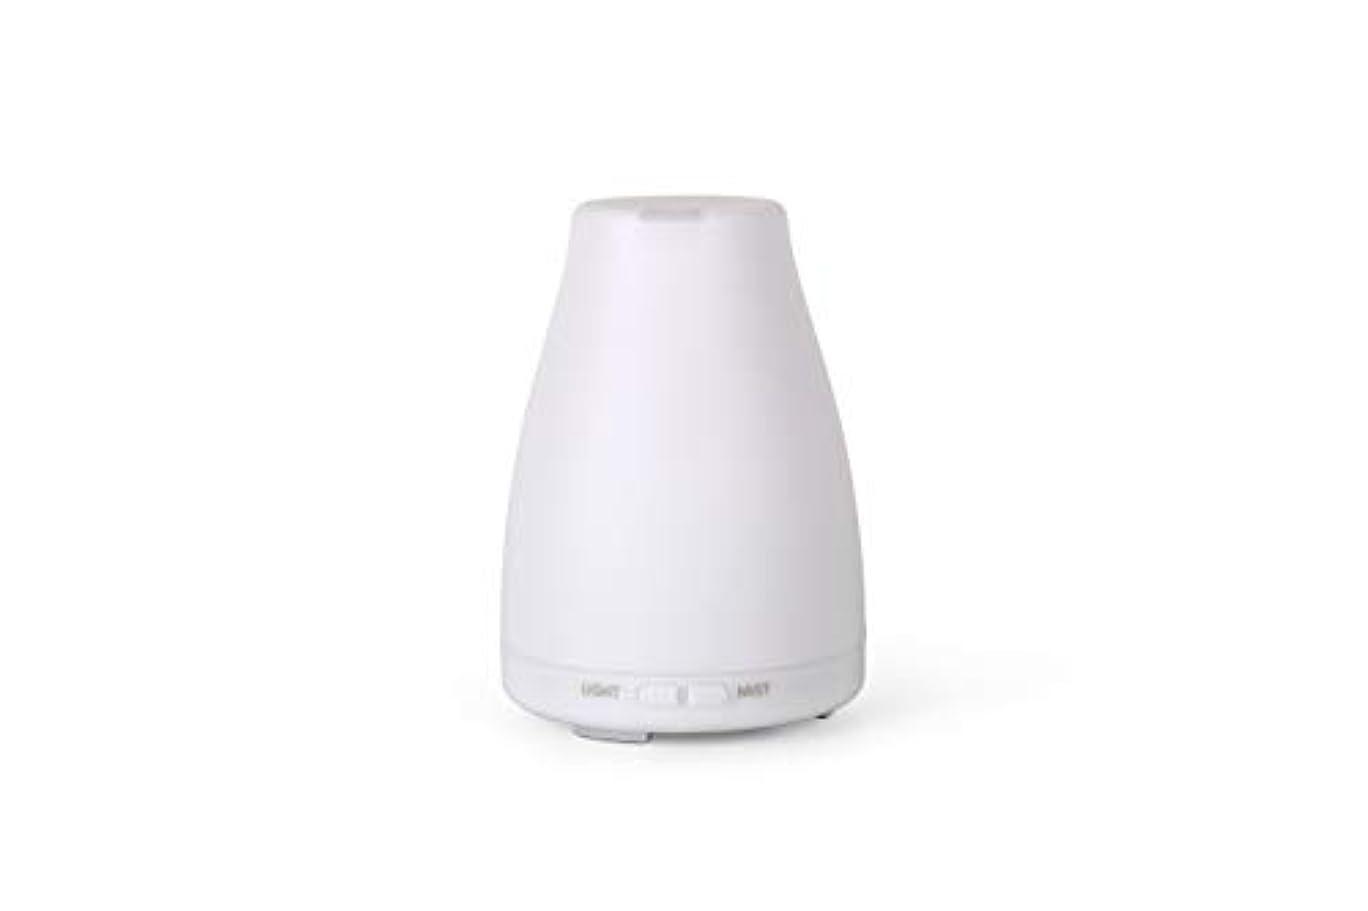 振りかける枯渇するドナーアロマディフューザーGA101-W 加湿器 日本語取扱説明書 超音波式 7色LEDライト 空焚き防止